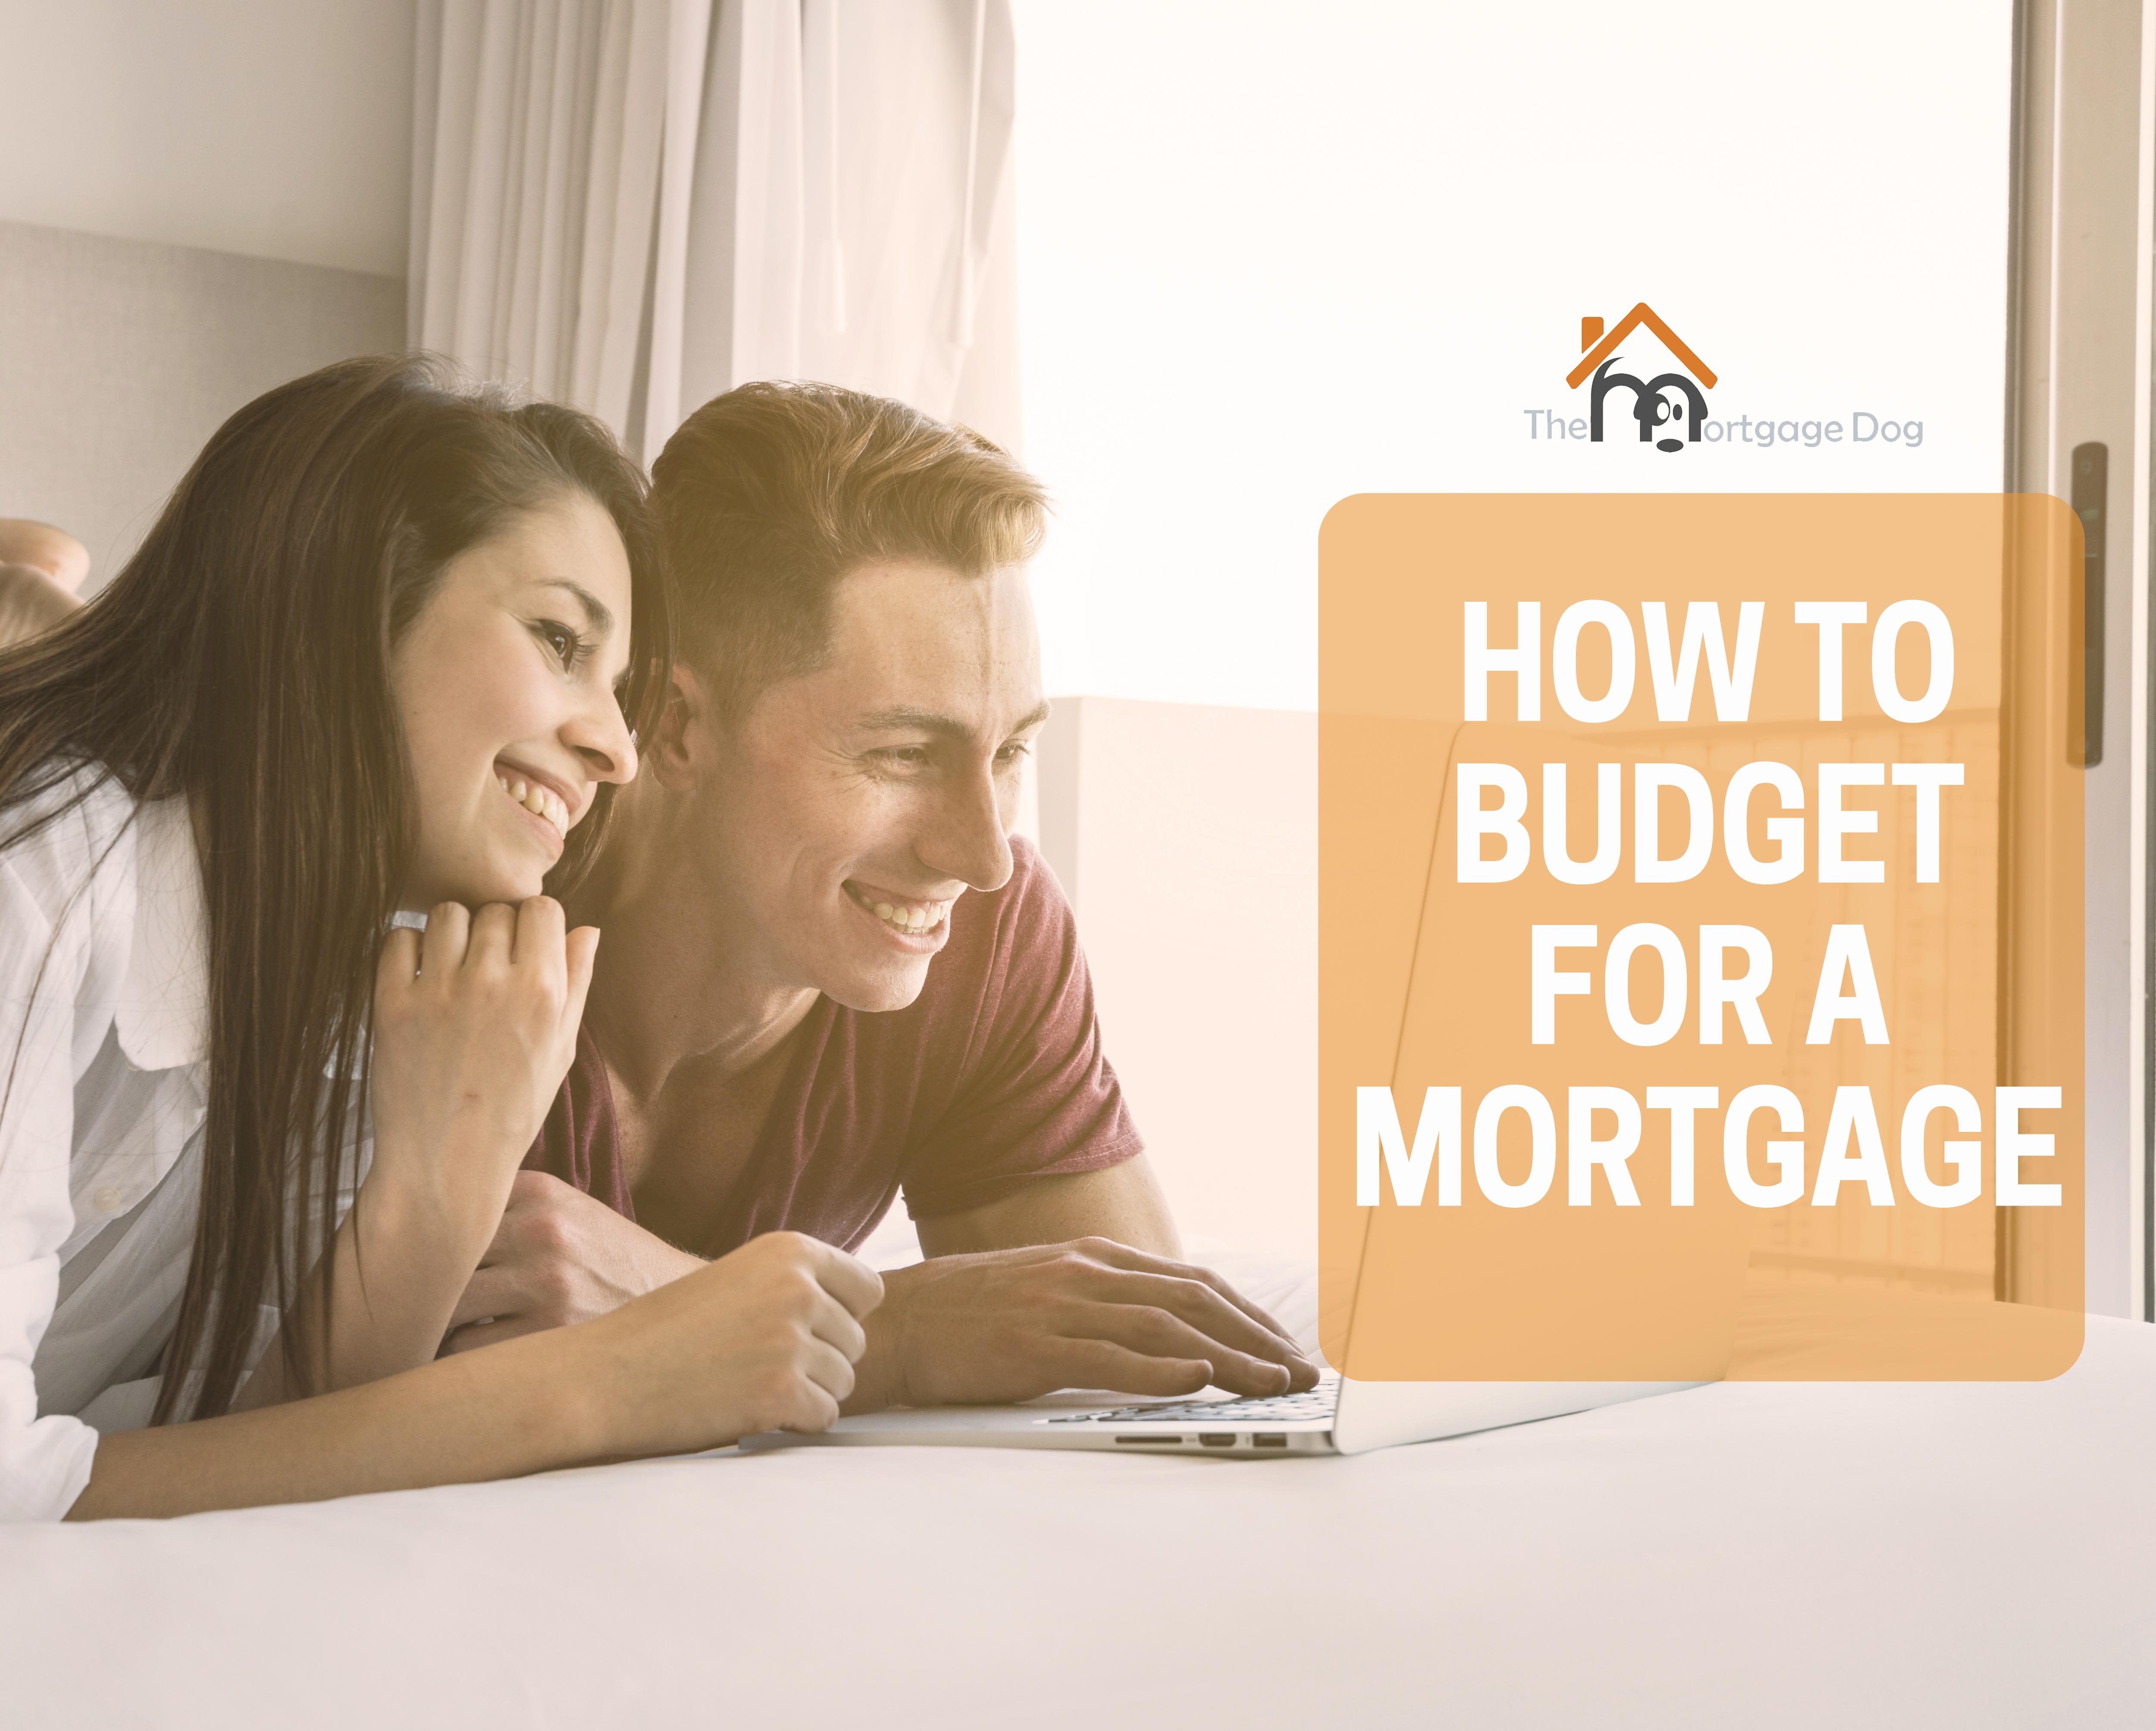 How do I budget for a mortgage?